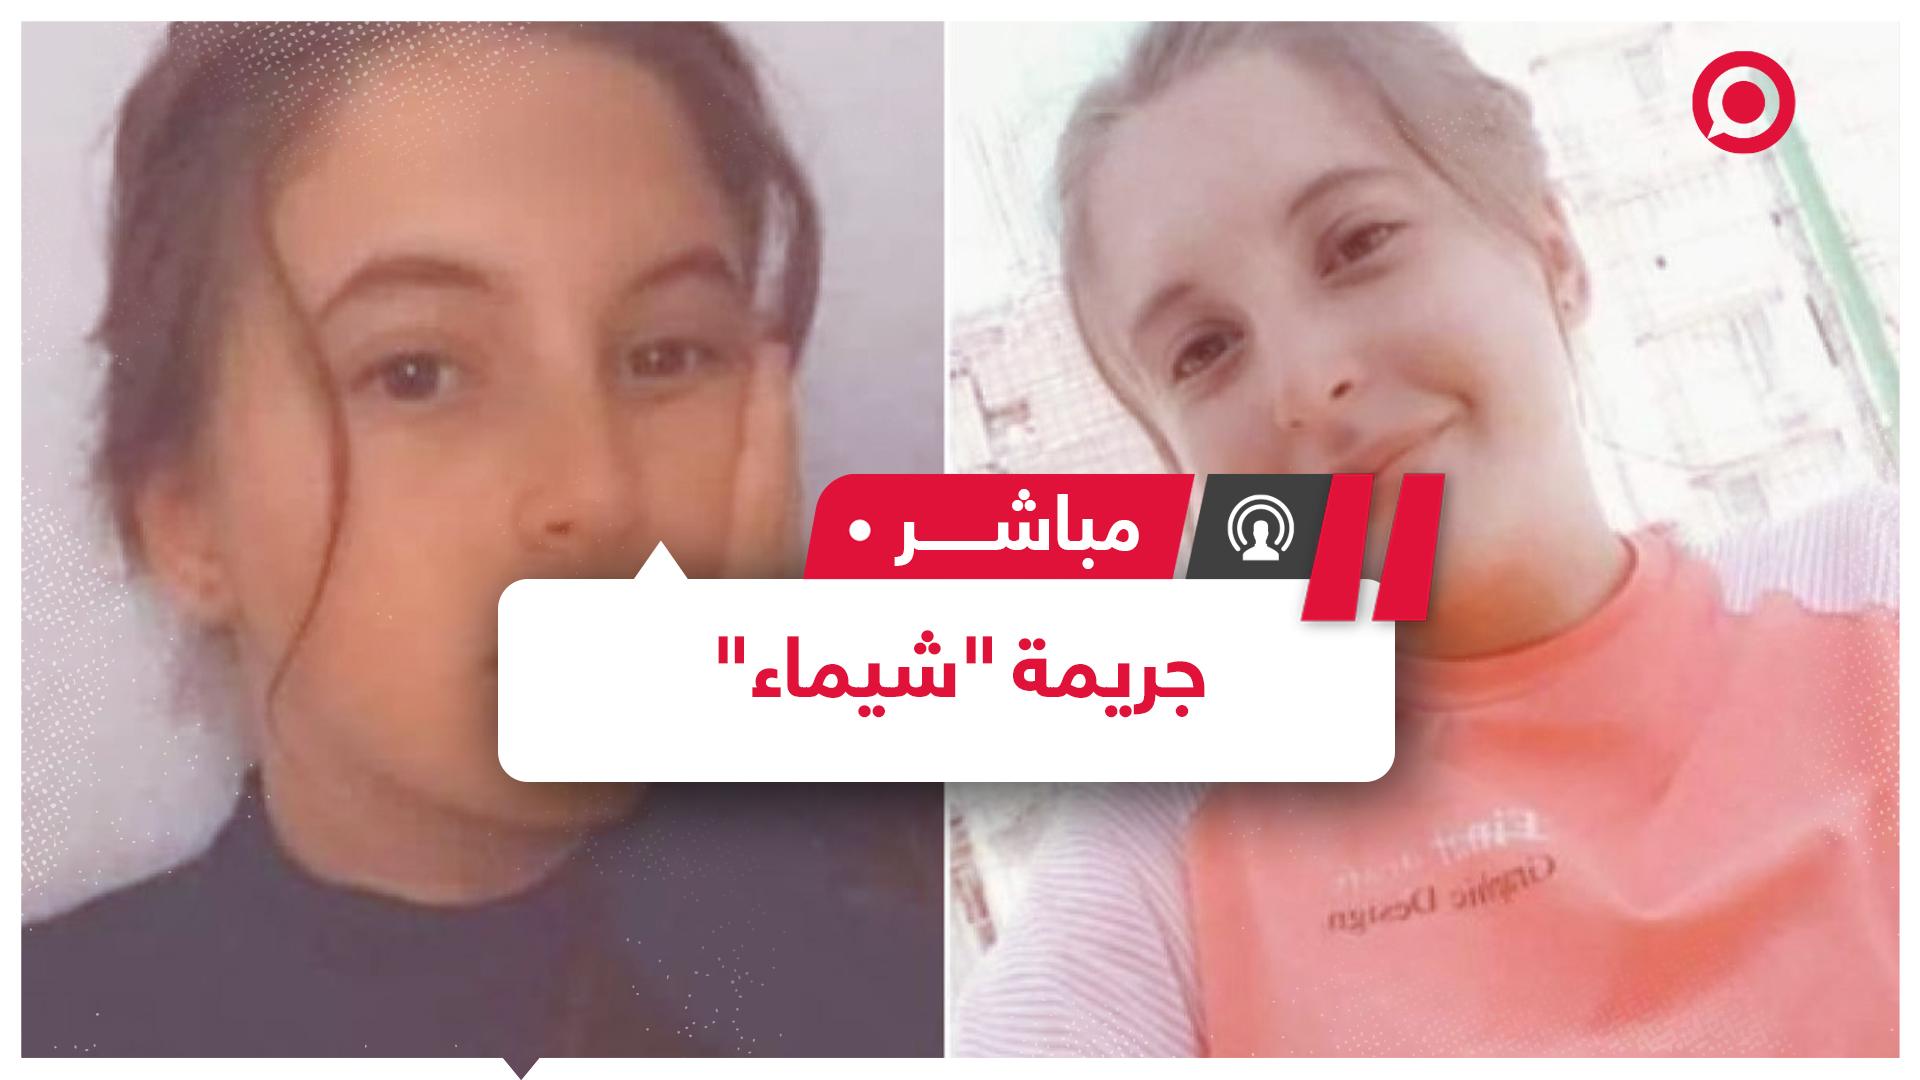 قضية الفتاة شيماء تهز الجزائر وتعيد الجدل حول عقوبة الإعدام